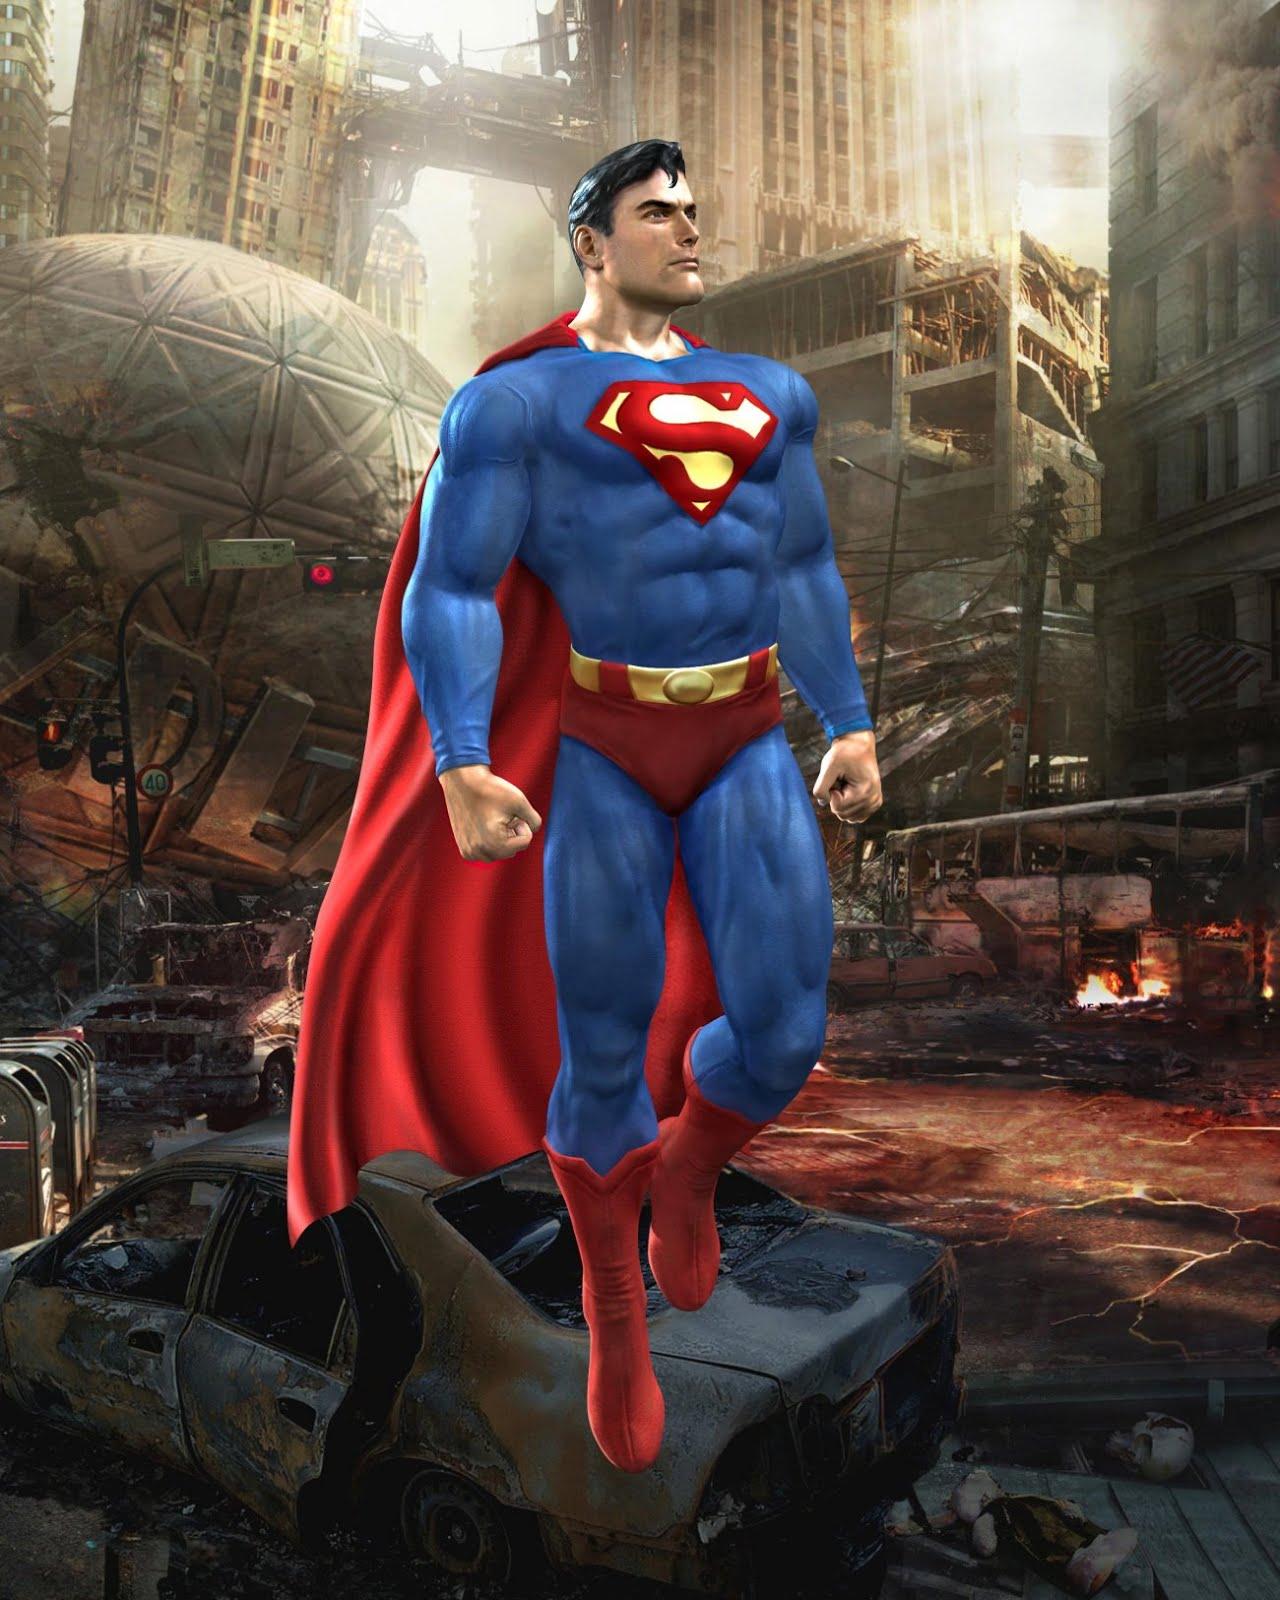 Top Superhero Wallpaper